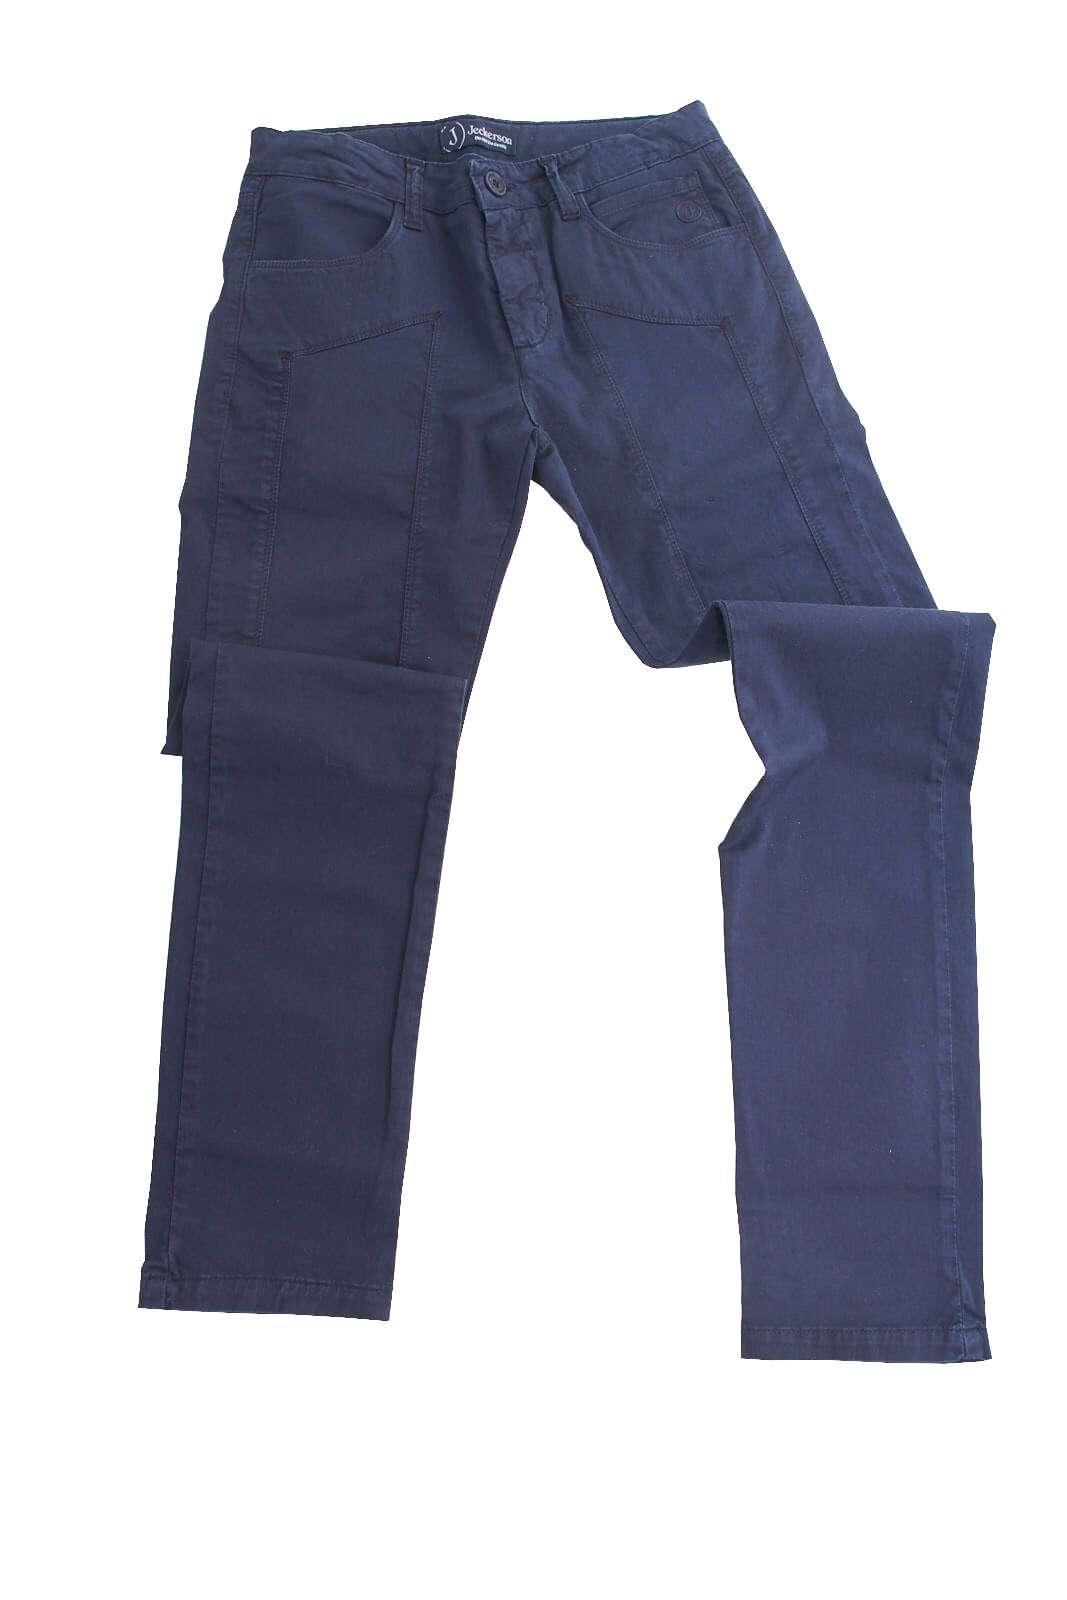 Un capo iconico il pantalone proposto dalla collezione Jeckerson dedicata ai più piccoli.  Caratterizzato dalla vestibilità slim e dal modello cinque tasche conquista ogni look.  Le toppe sul davanti ne caratterizzano lo stile per un effetto glamour chic.